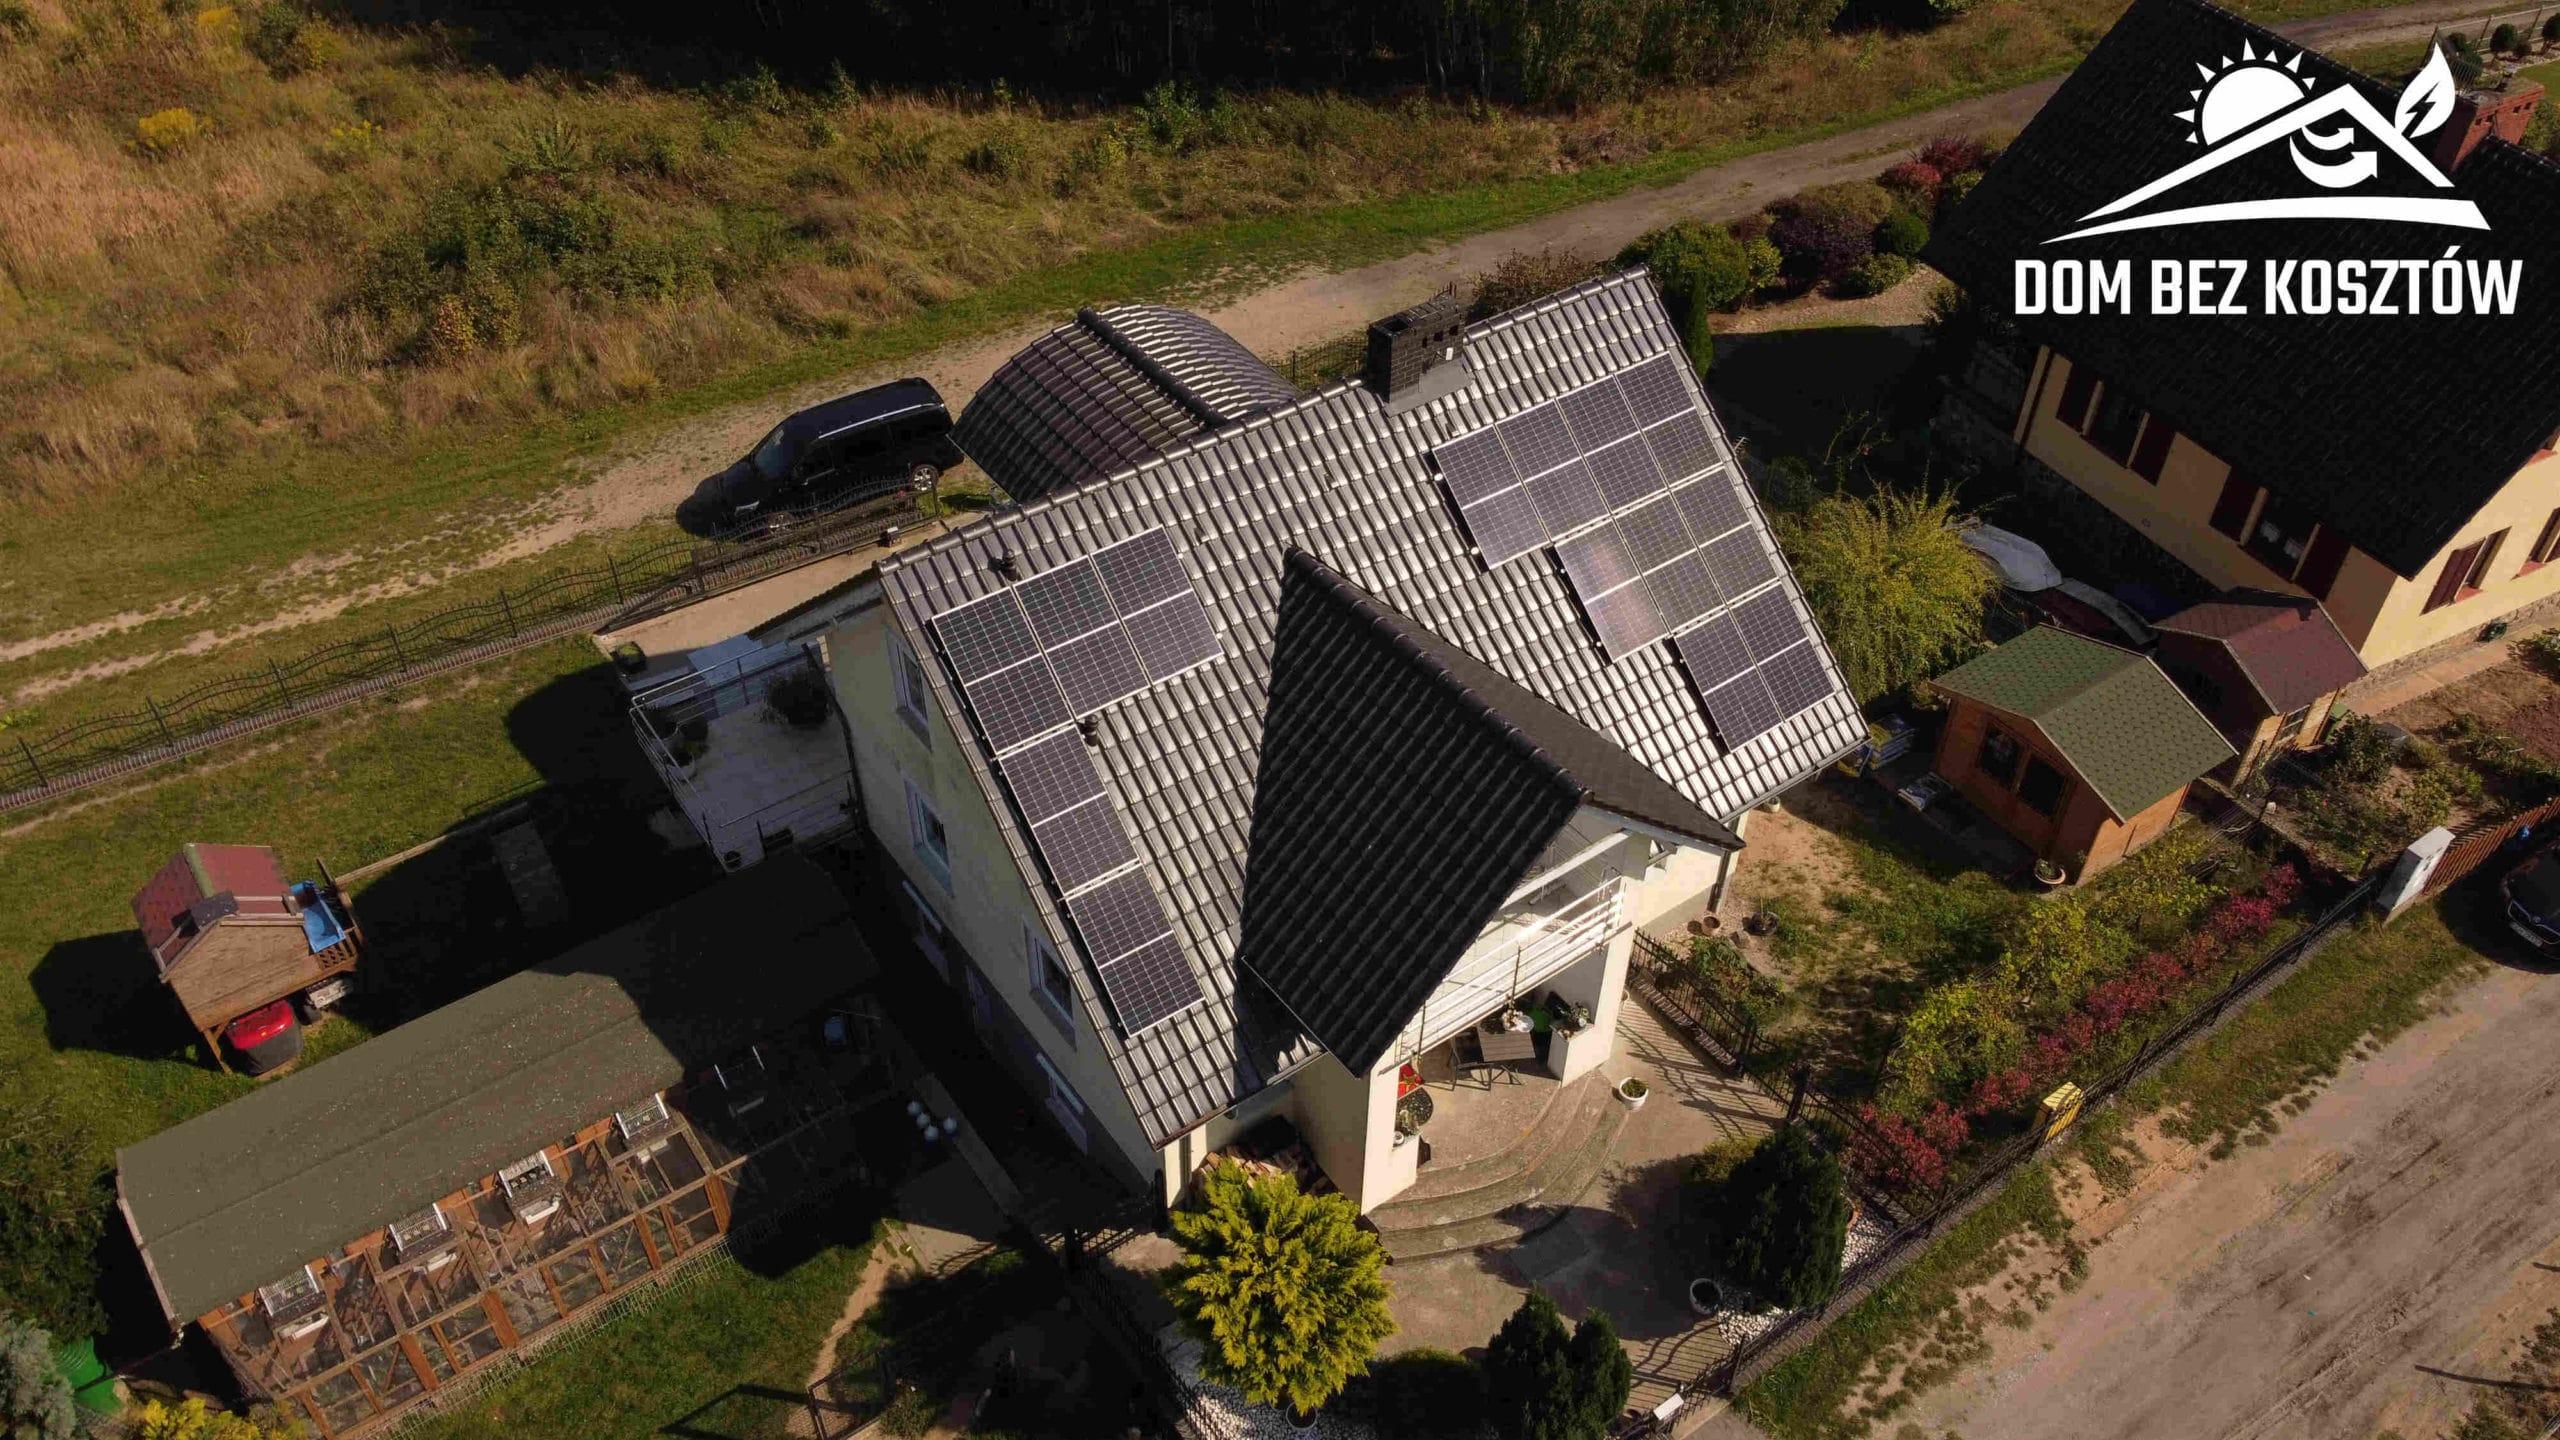 Instalacja fotowoltaiczna o mocy 9 kWp na dachu domu jednorodzinnego w Kamieniu Krajeńskim